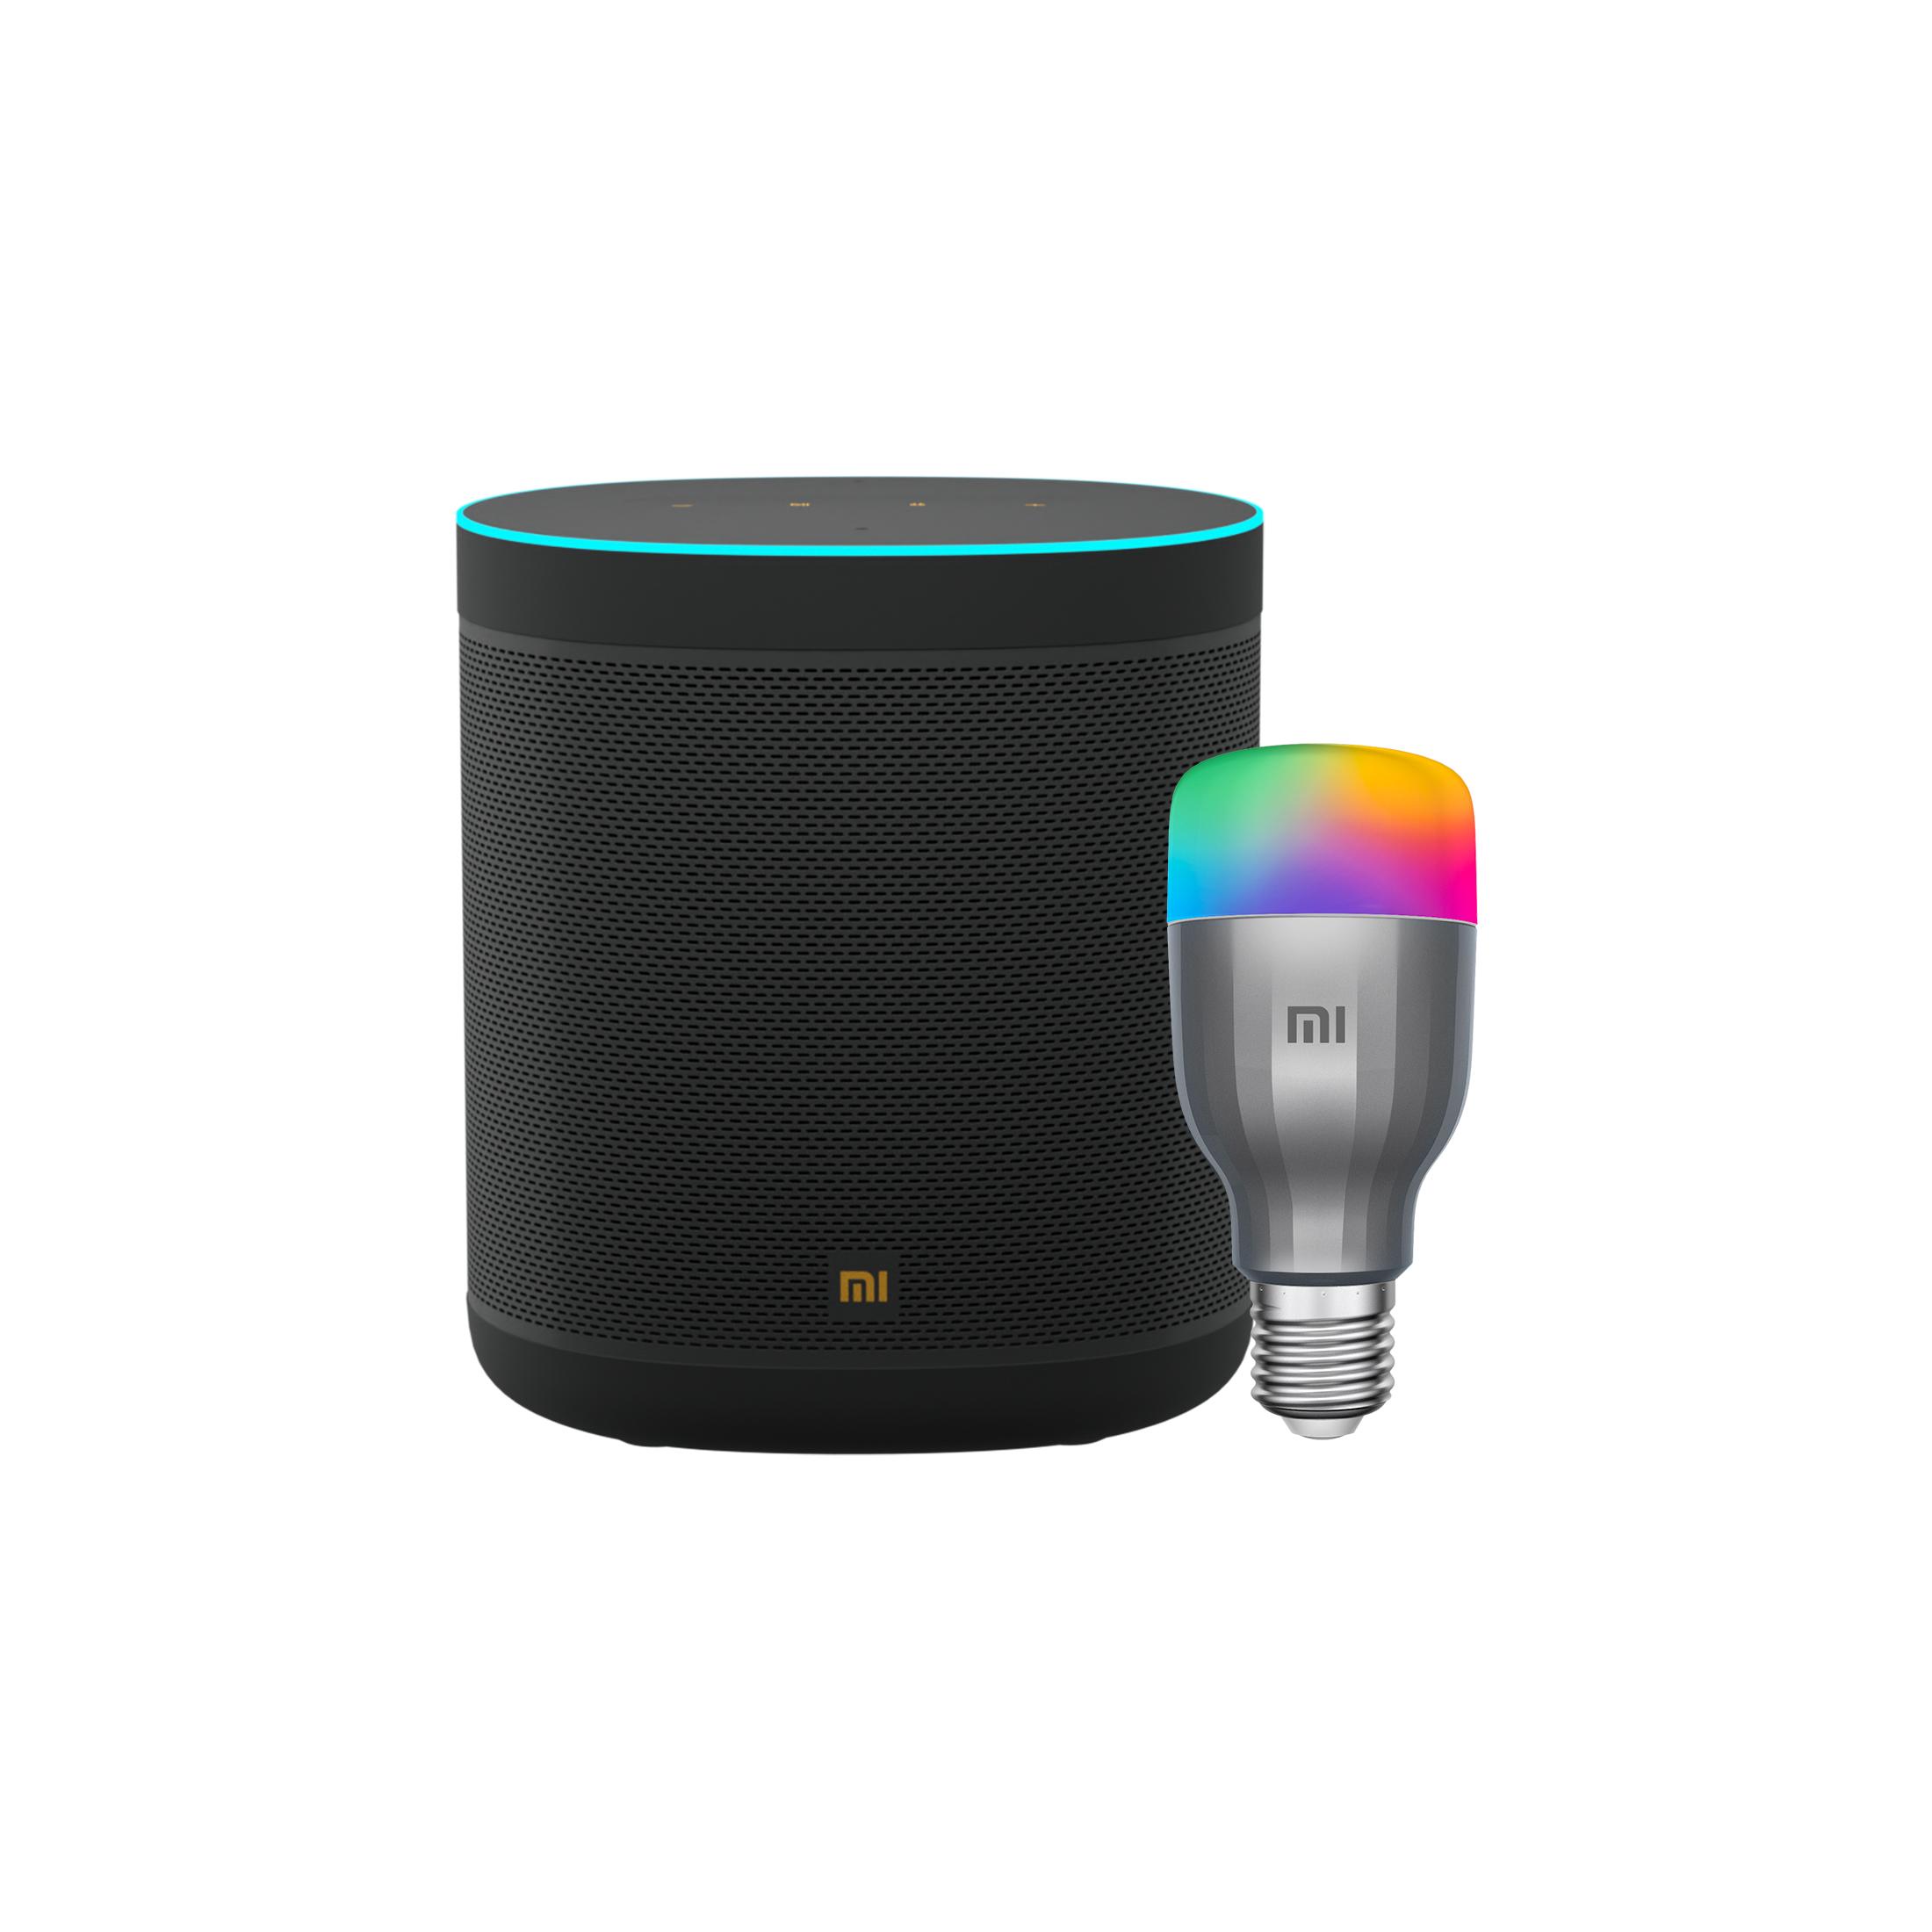 Mi Smart Speaker and LED Bulb Combo Pack